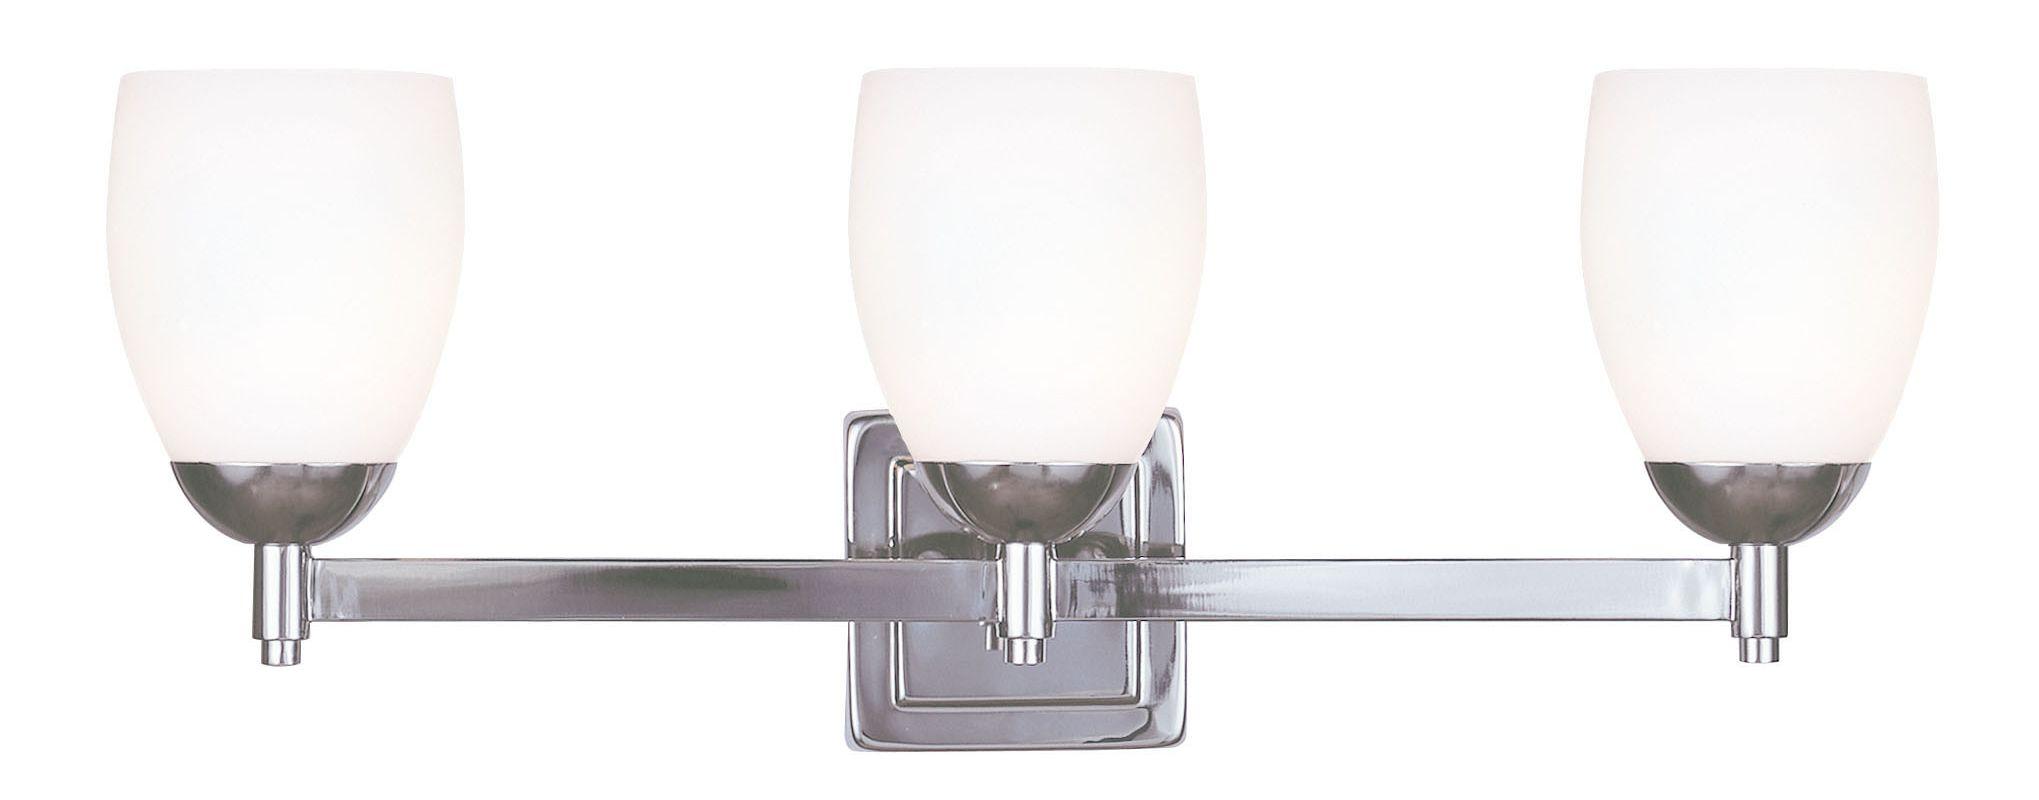 Livex Lighting 1403 Bloomfield 3 Light Bathroom Vanity Light Polished